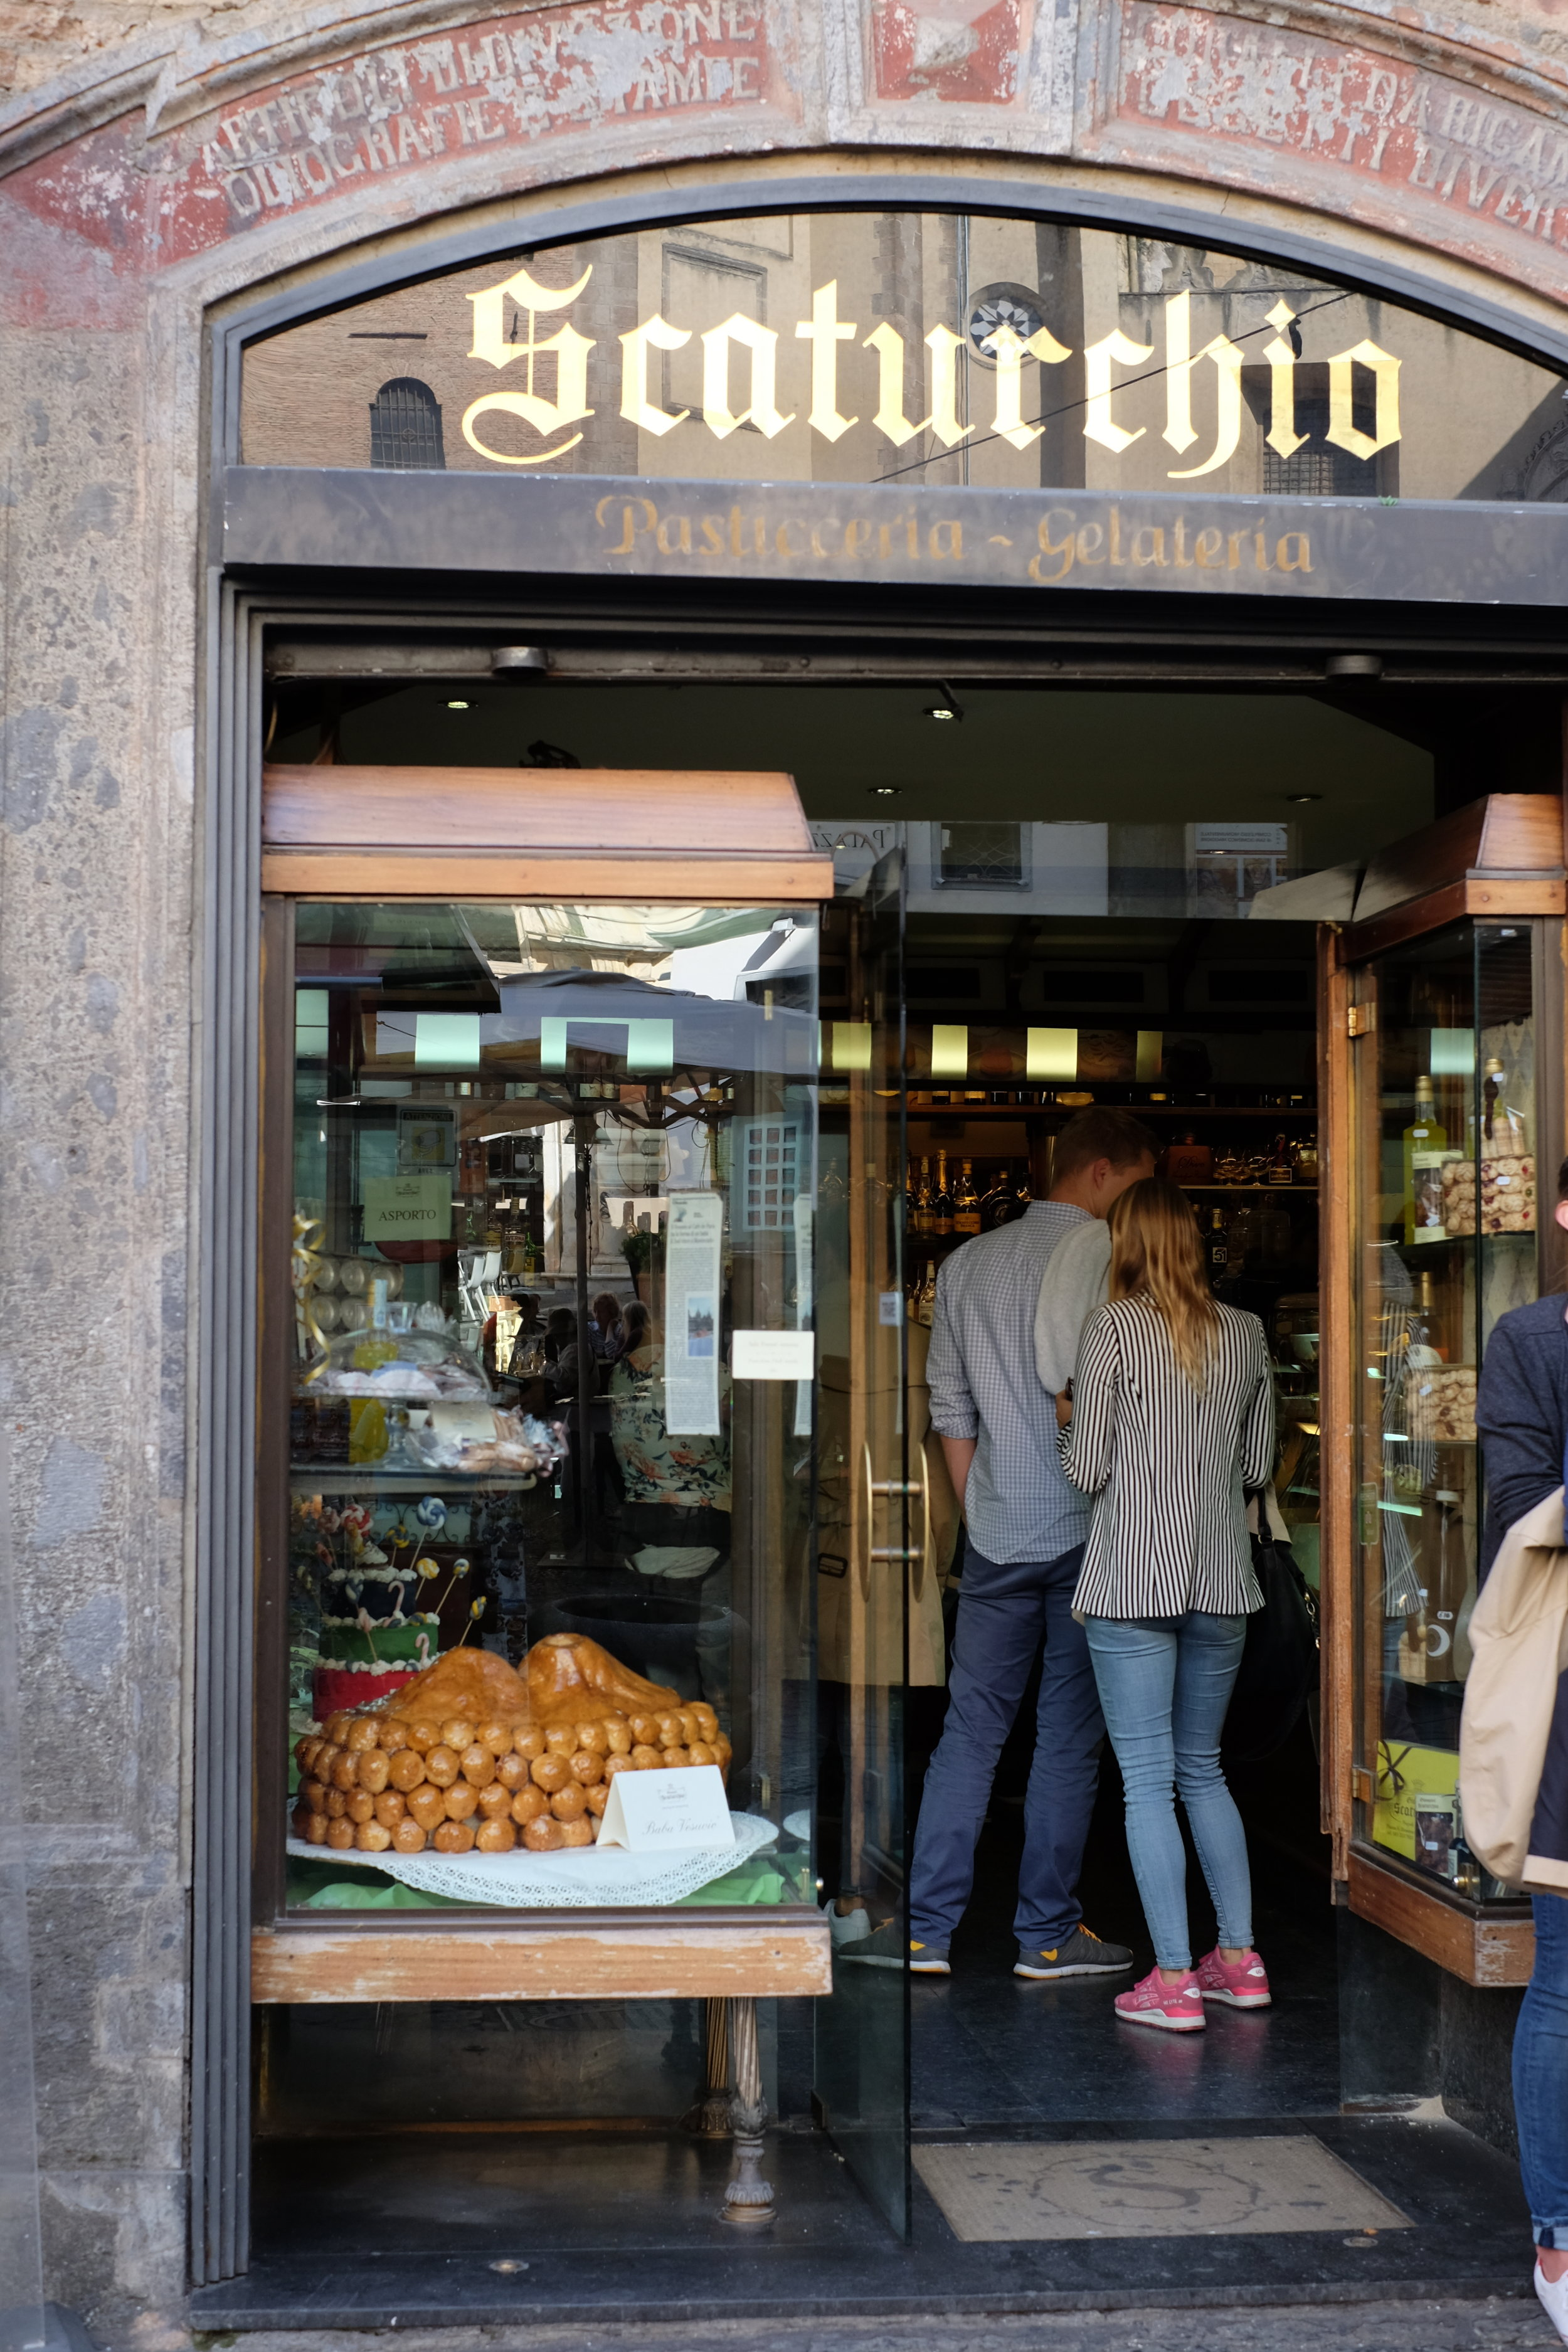 The famous Scaturchio.